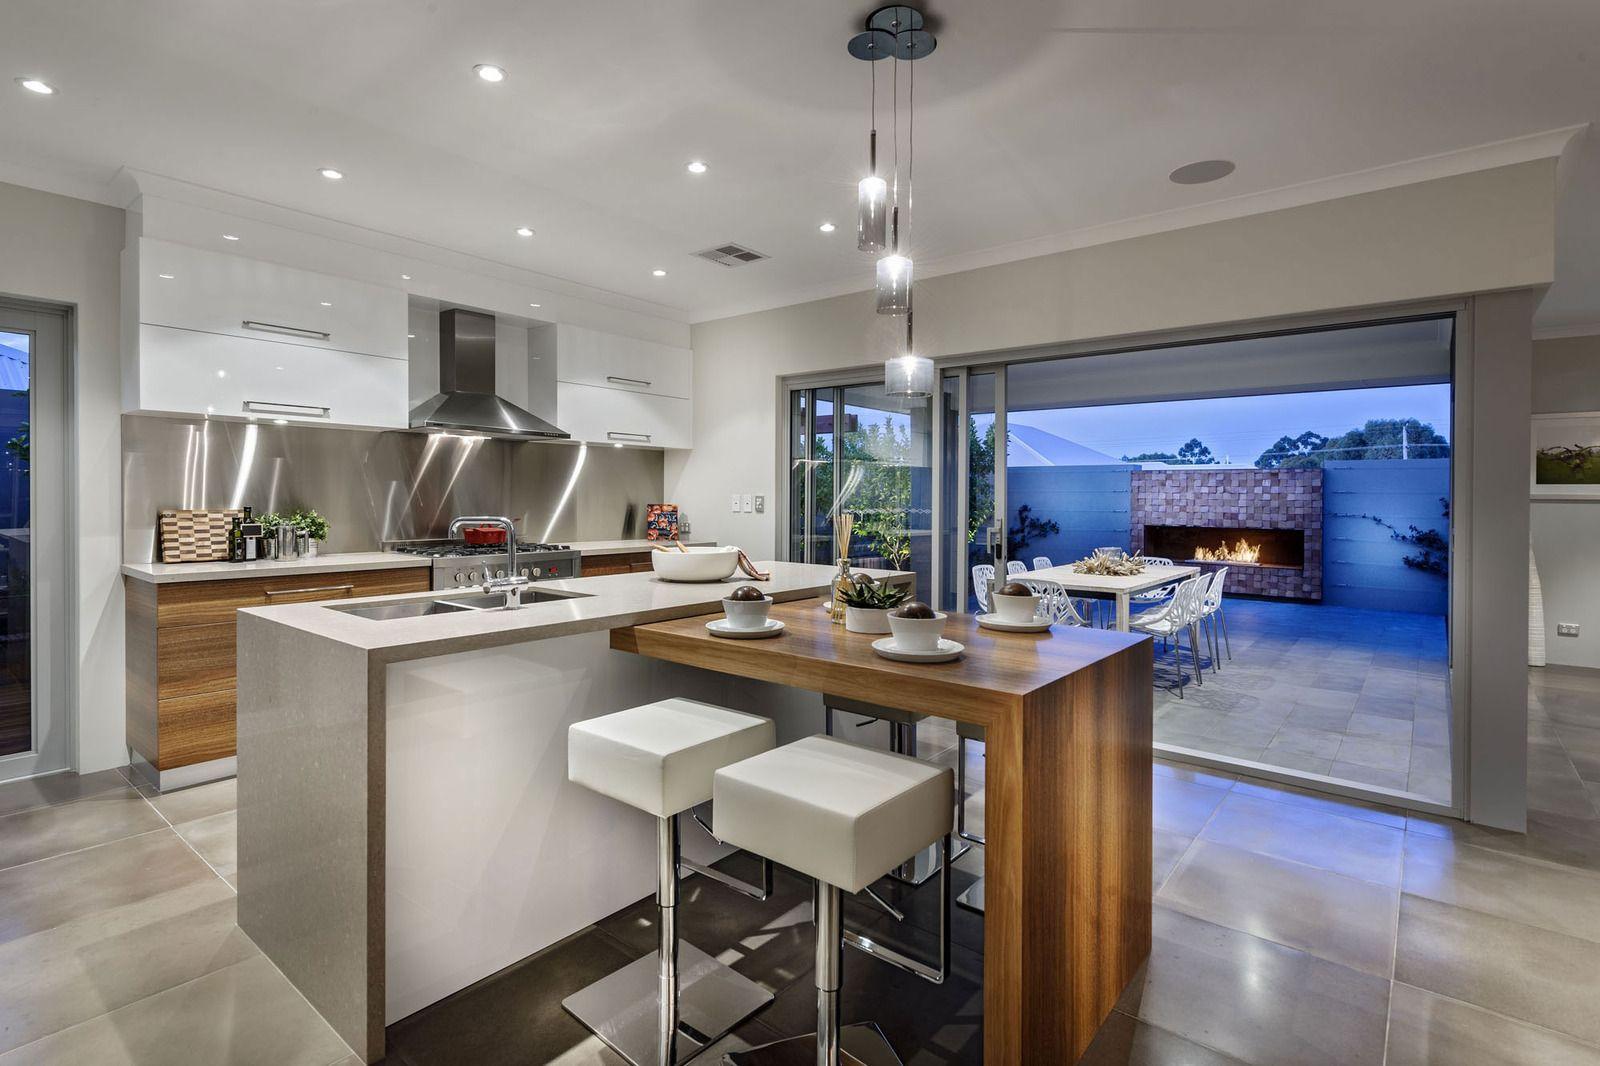 Casa moderna de dos pisos con hermoso dise o de fachada e for Diseno de interiores de cocinas pequenas modernas